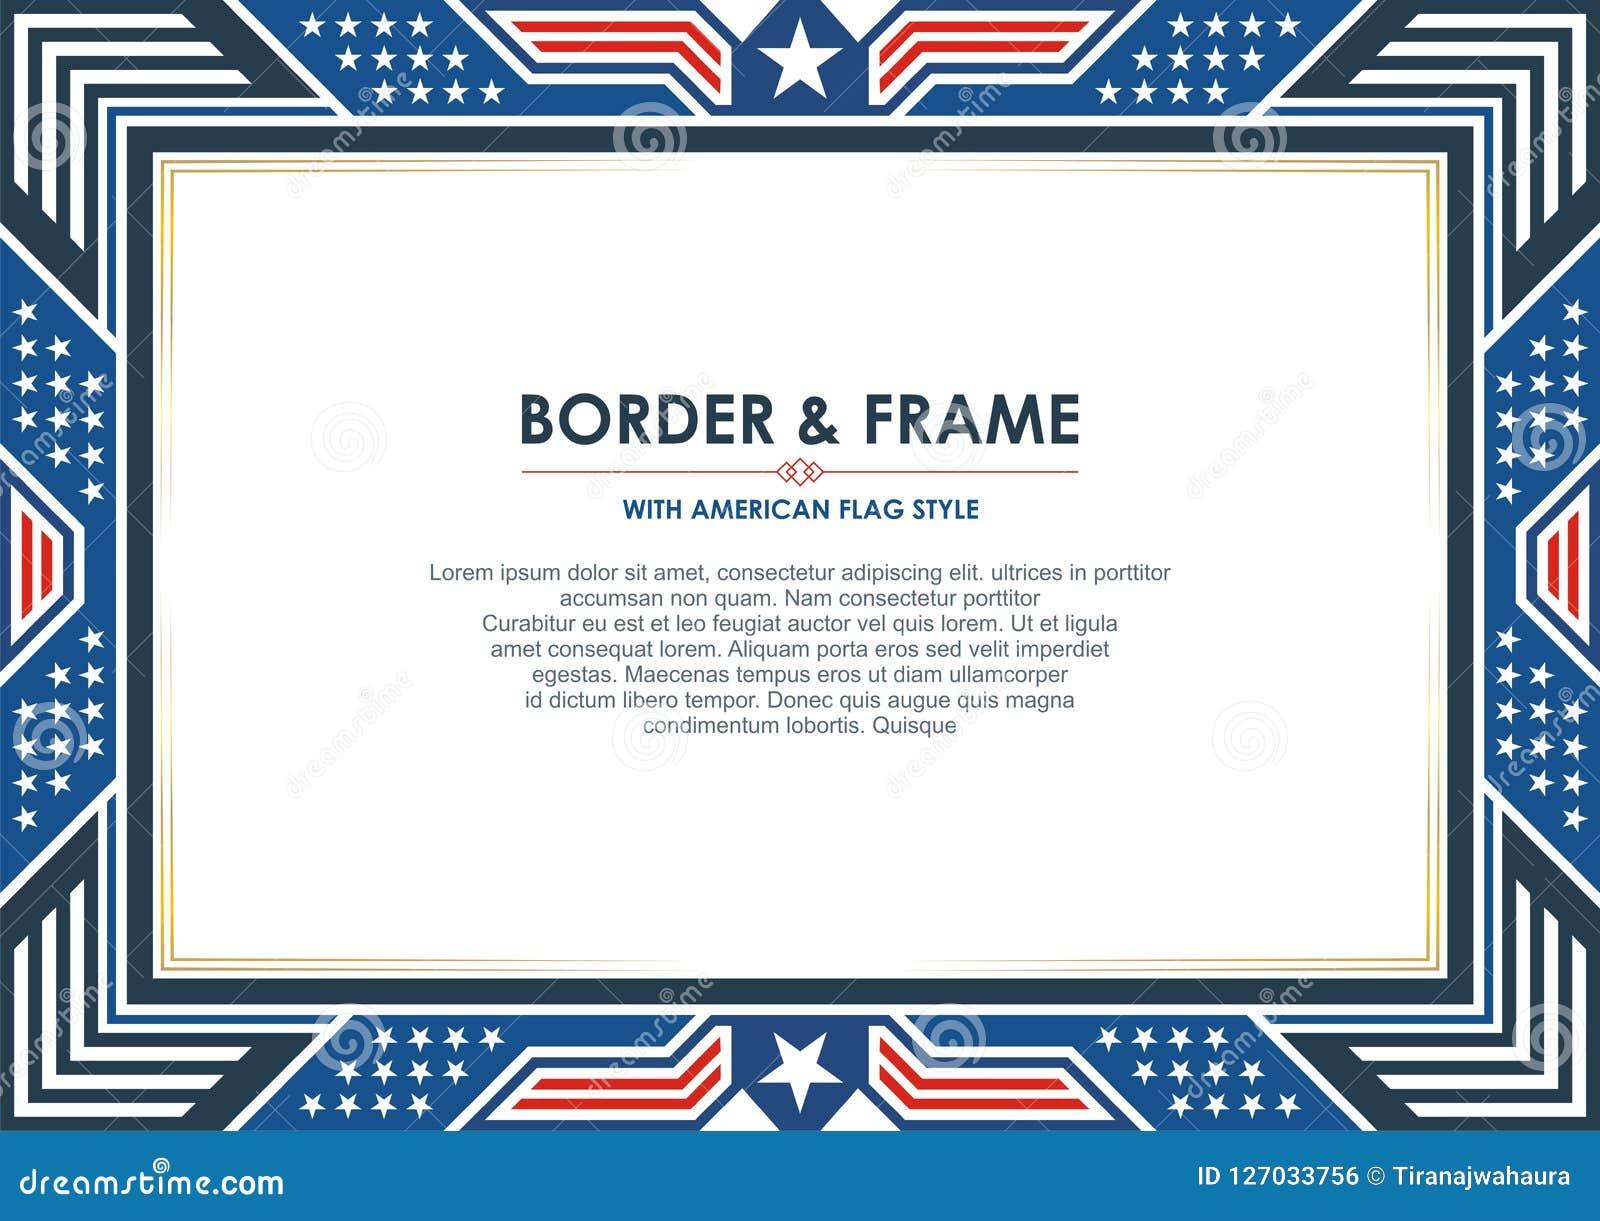 Патриотические рамка или граница, с стилем американского флага и дизайном цвета